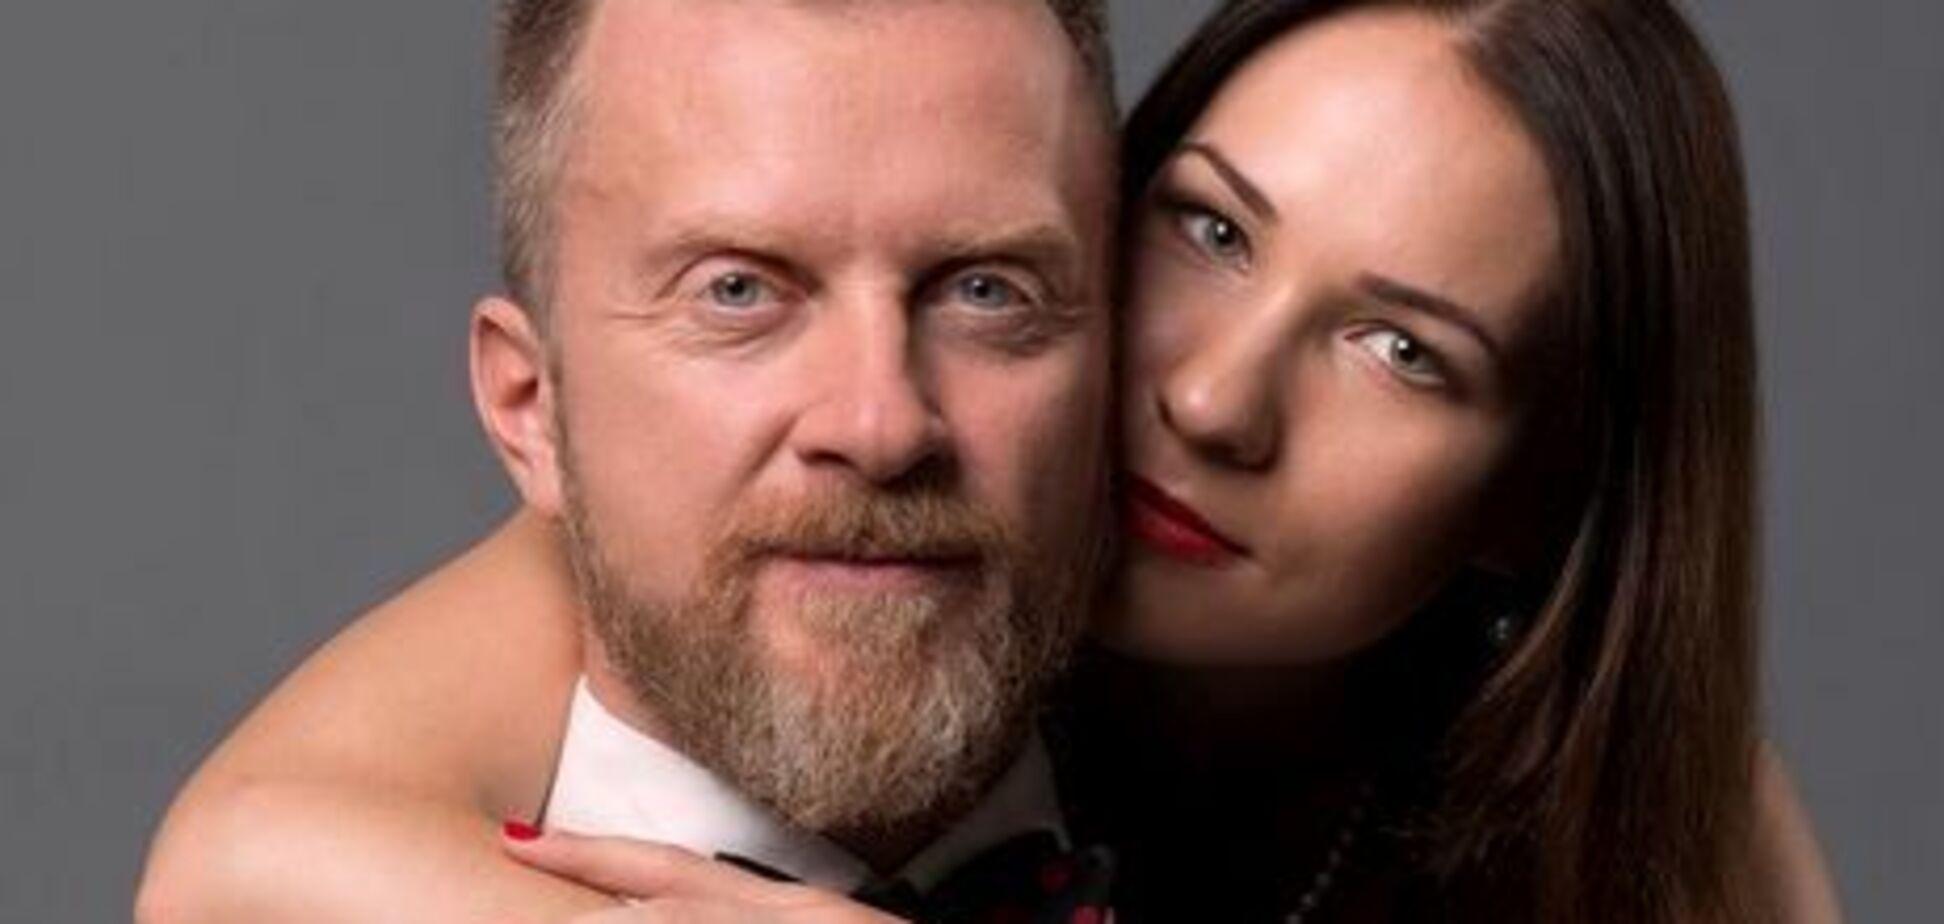 С женой на 'вы': украинская знаменитость раскрыла необычную традицию в семье